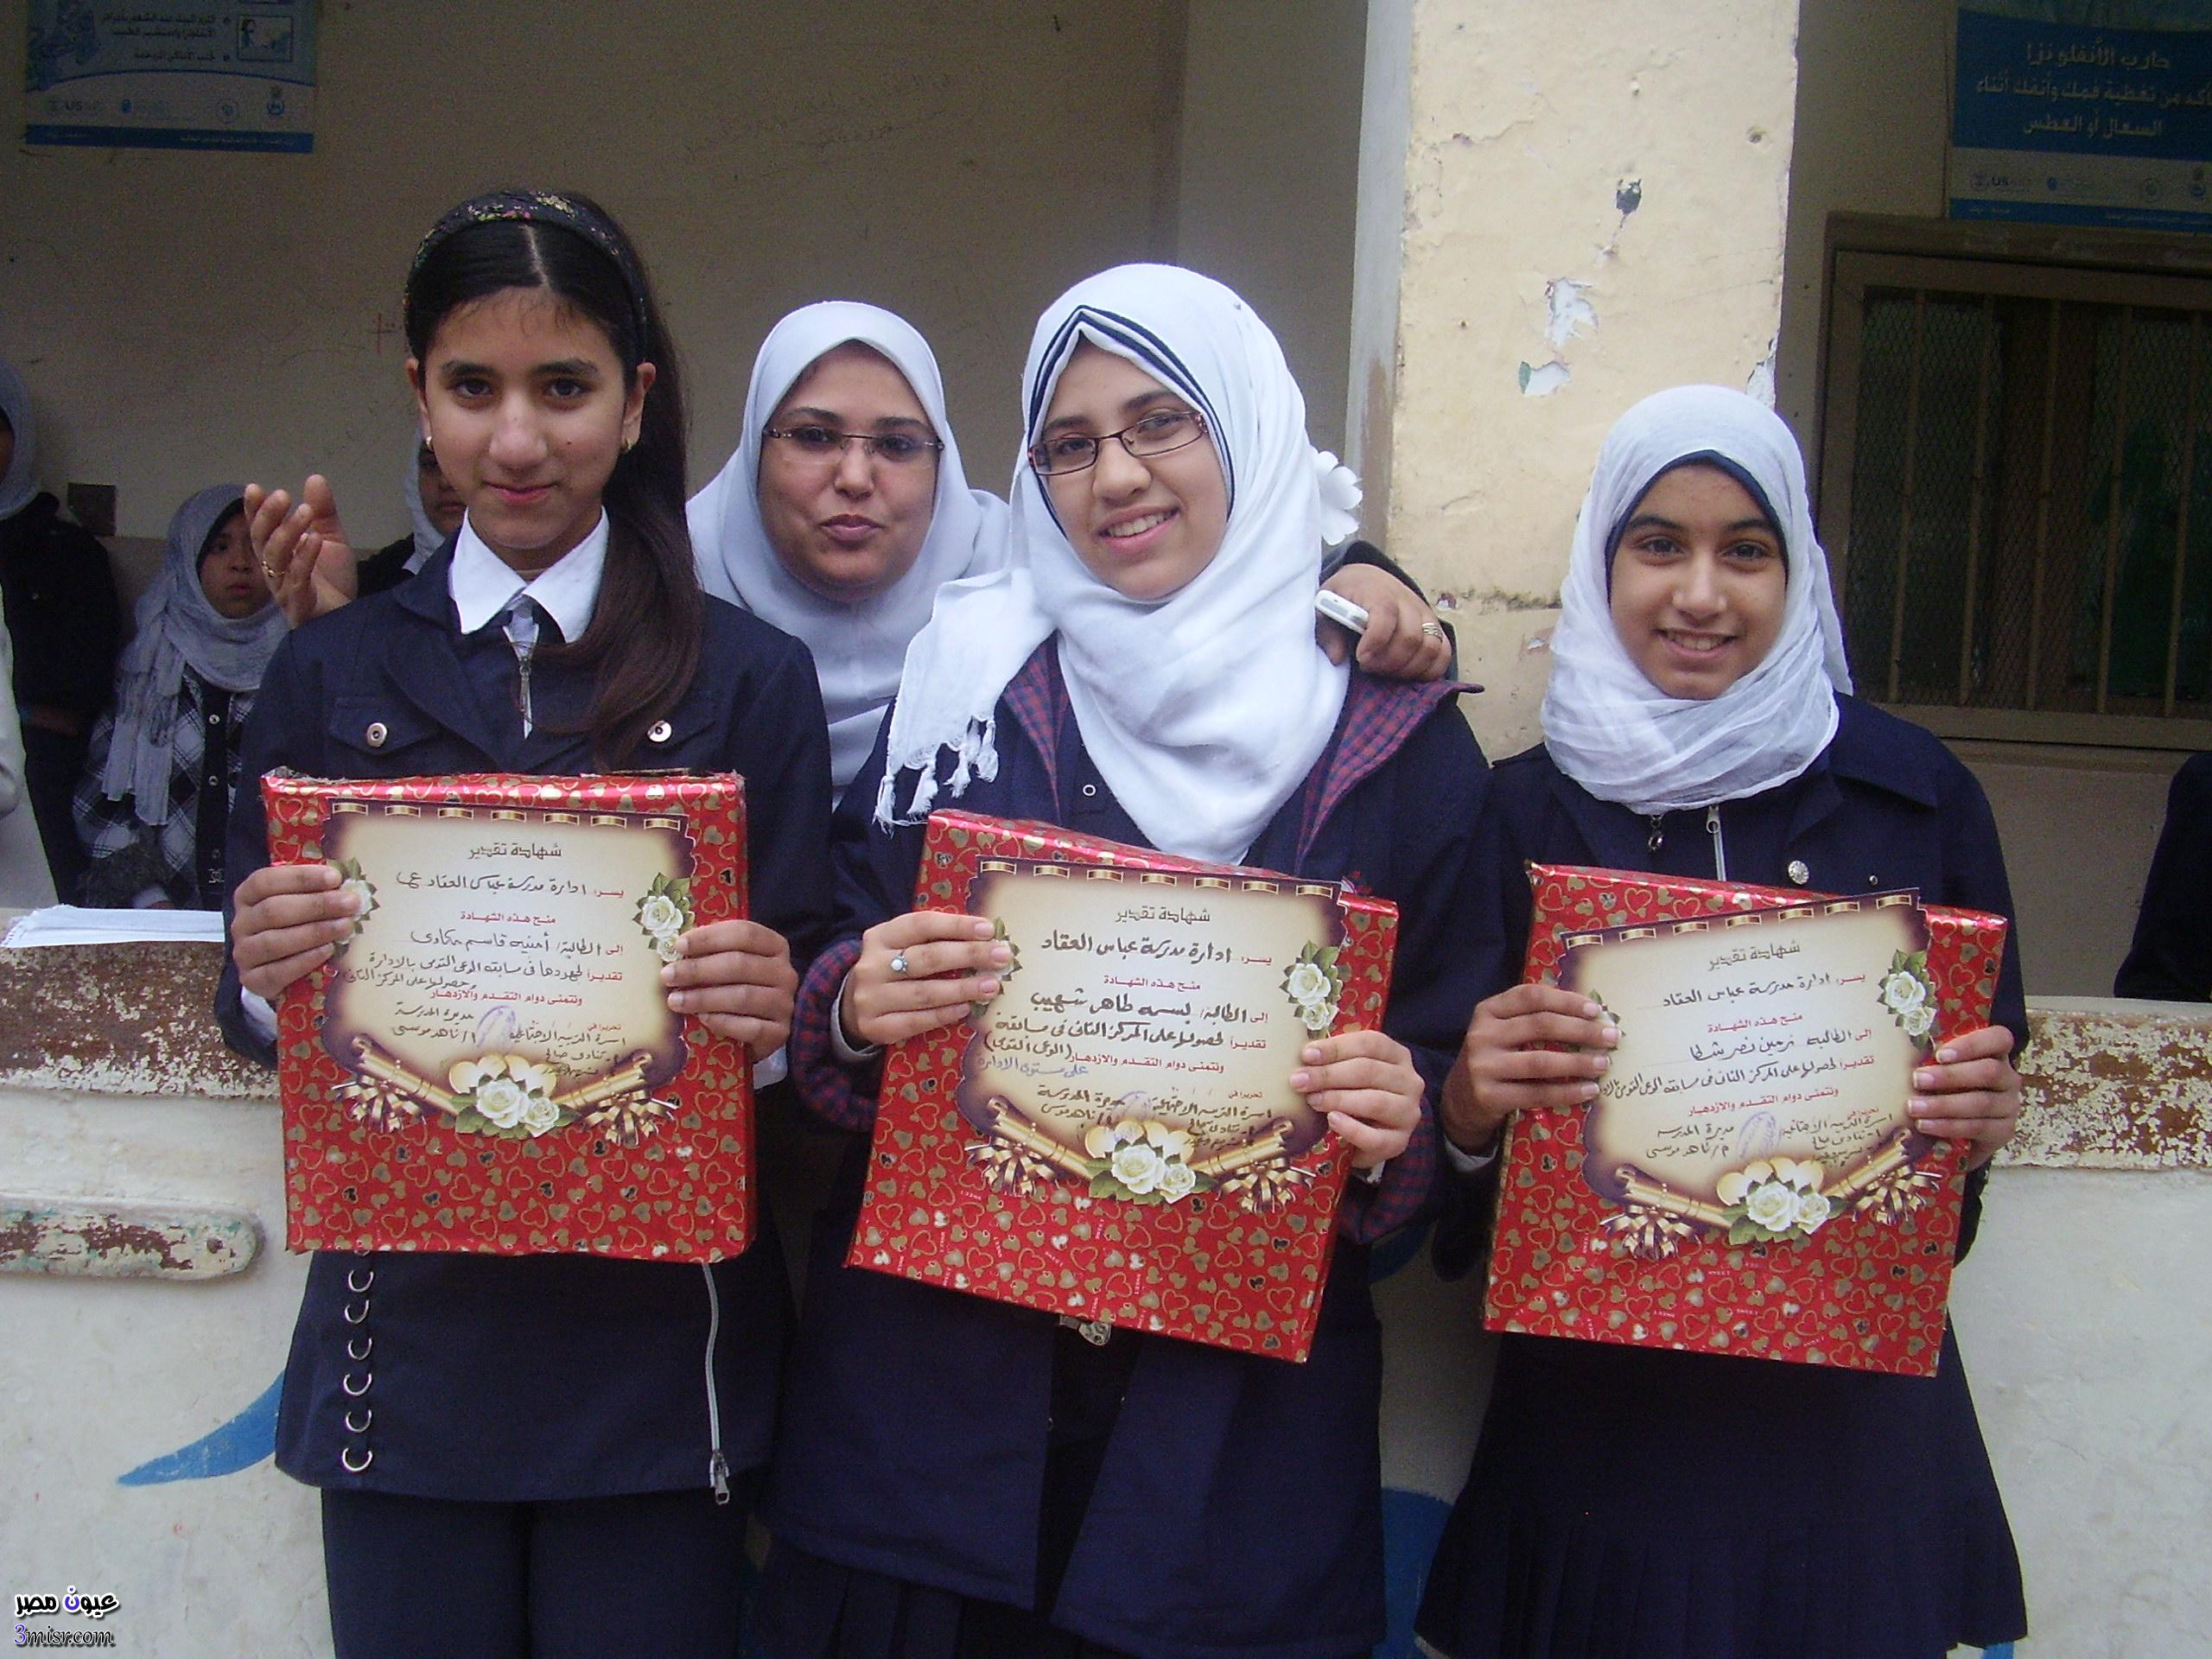 نتيجة الصف السادس الابتدائي محافظة القاهرة 2016 مديرية بوابة القاهره التعليمية